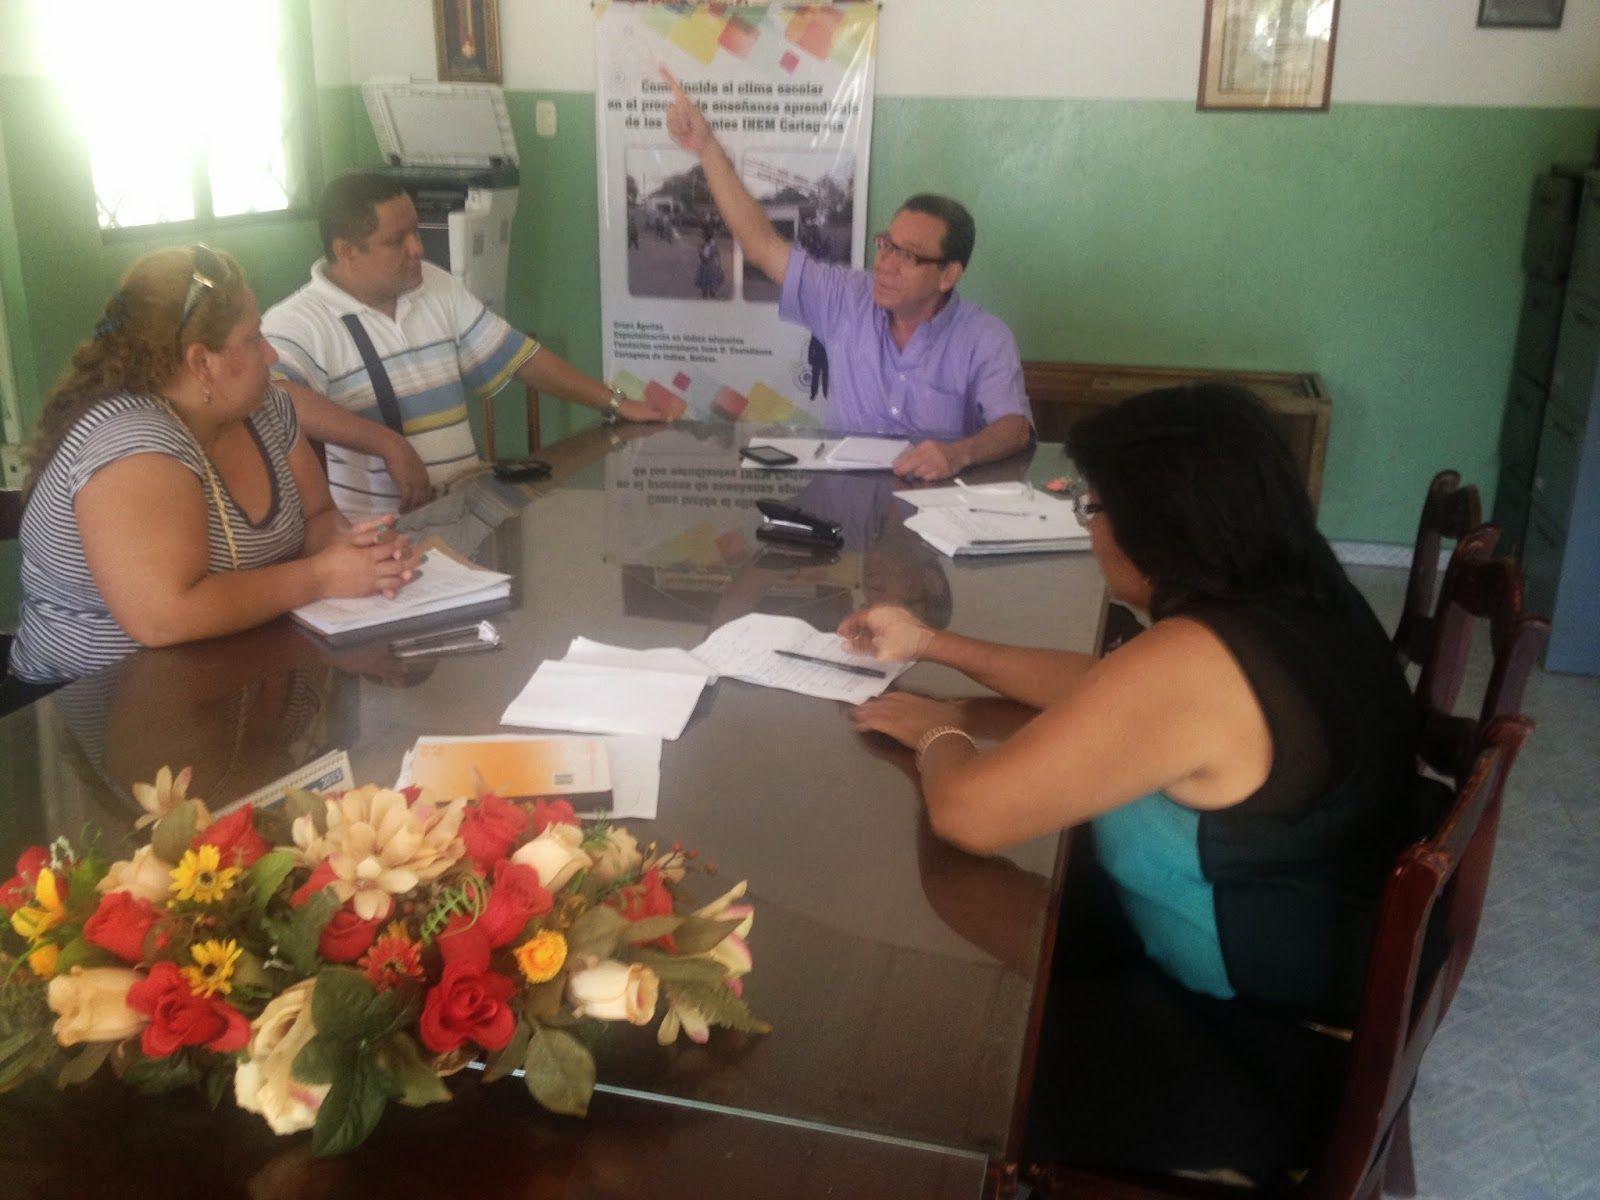 Educación y Pedagogía - enseñanza aprendizaje y formación en Cartagena Co.: El INEM Cartagena 'aprieta'